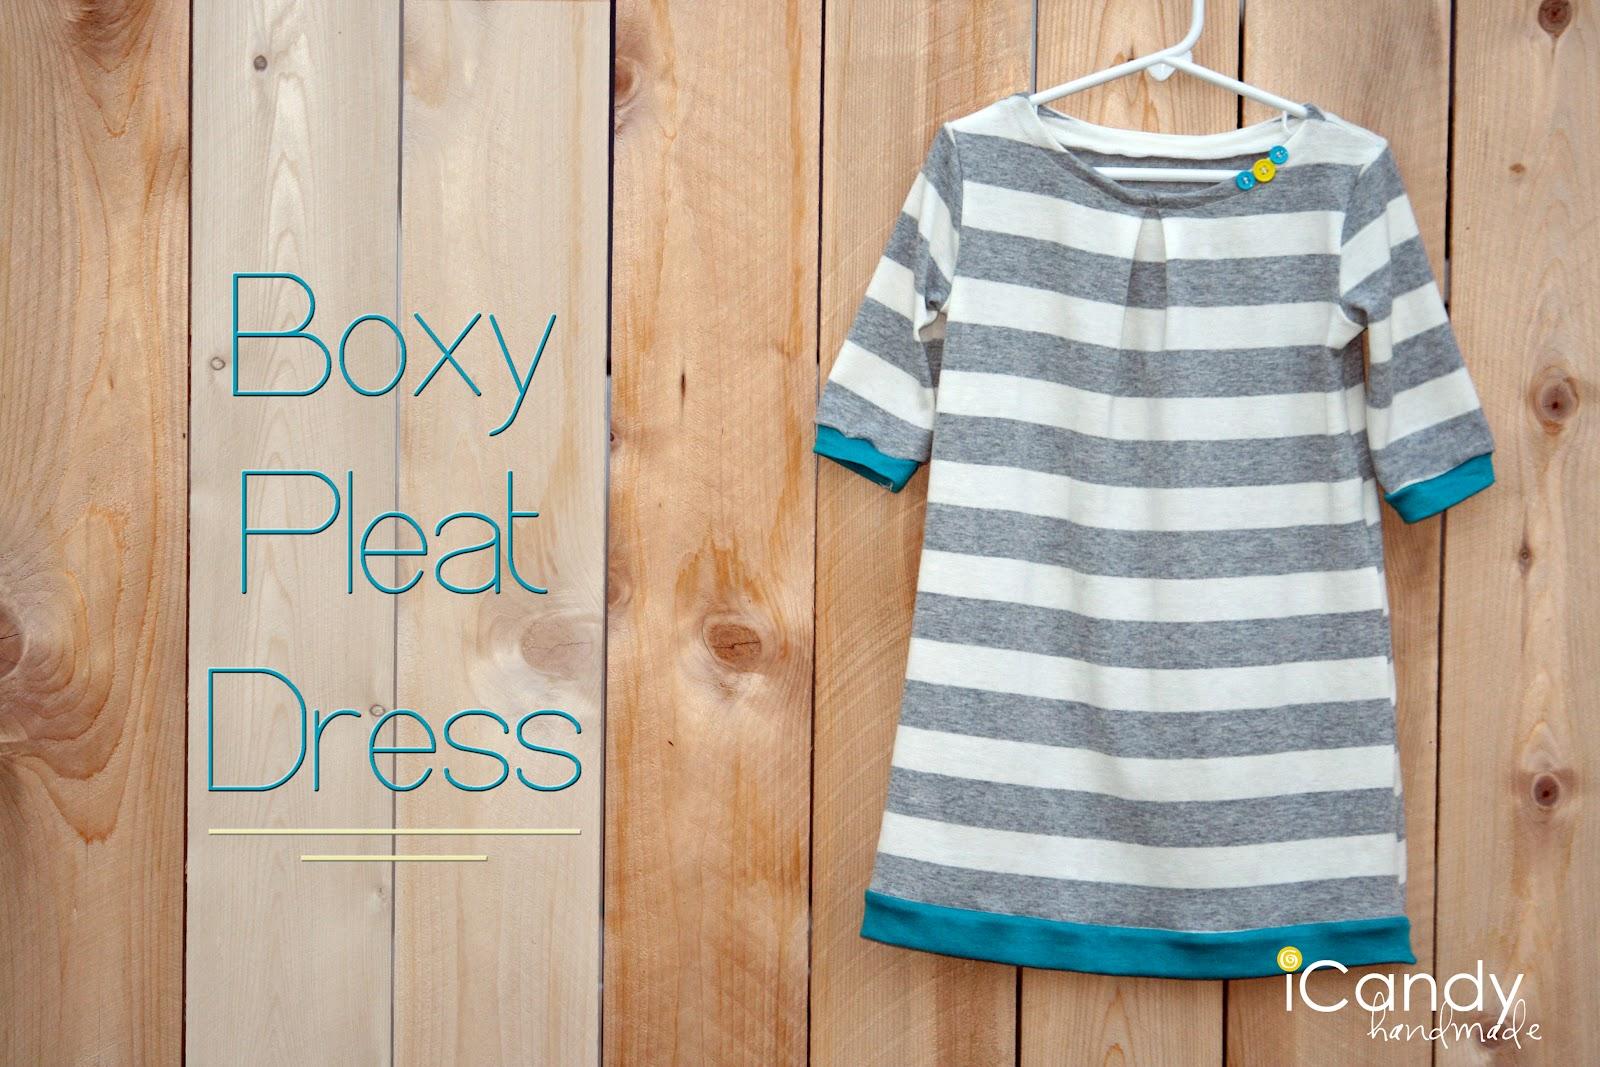 Diy boxy pleat dress icandy handmade diy boxy pleat dress jeuxipadfo Choice Image